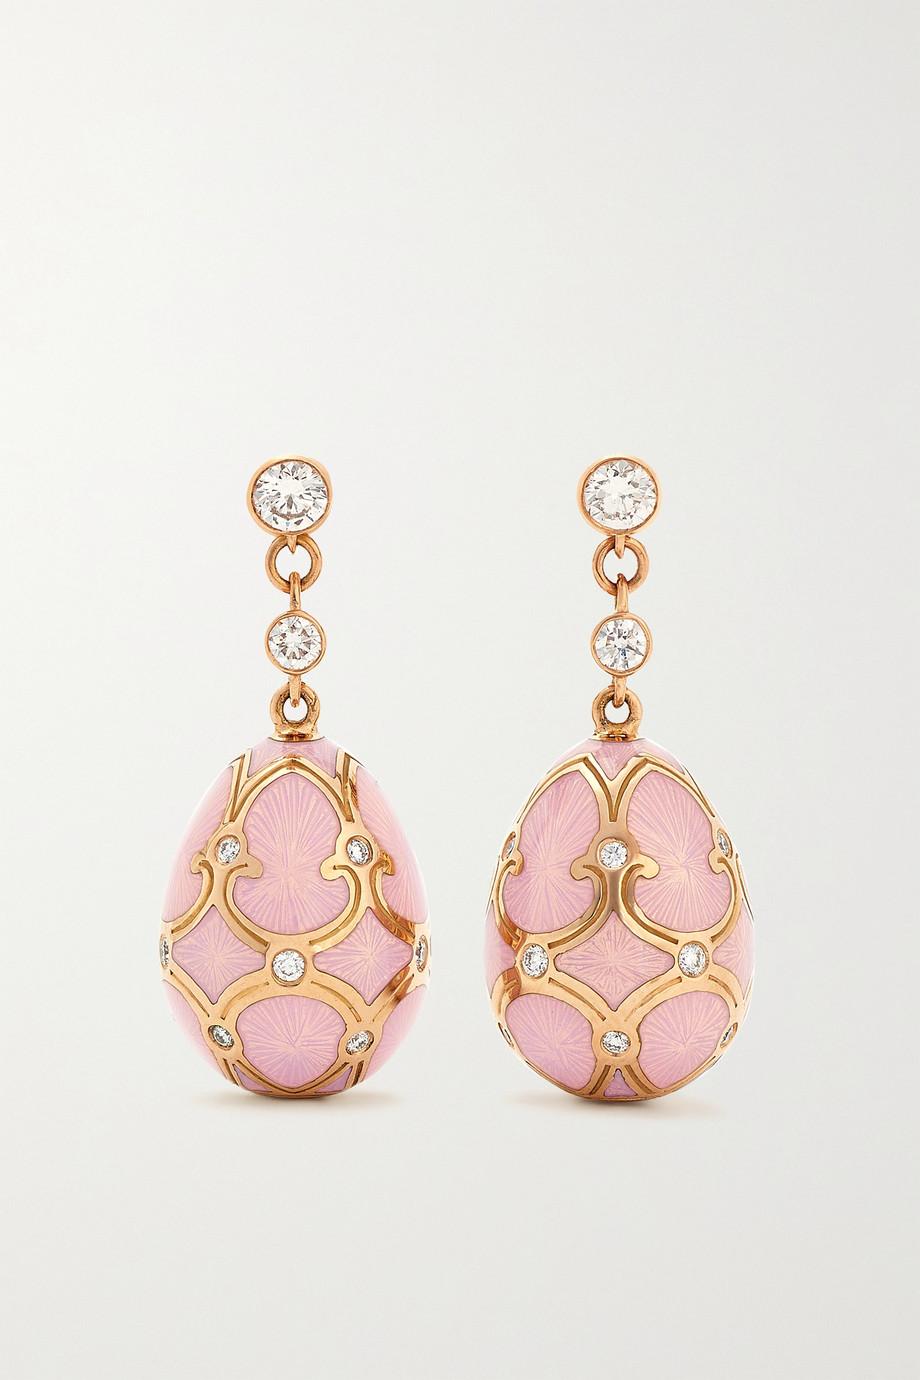 Fabergé Boucles d'oreilles en or rose 18 carats (750/1000), émail et diamants Heritage